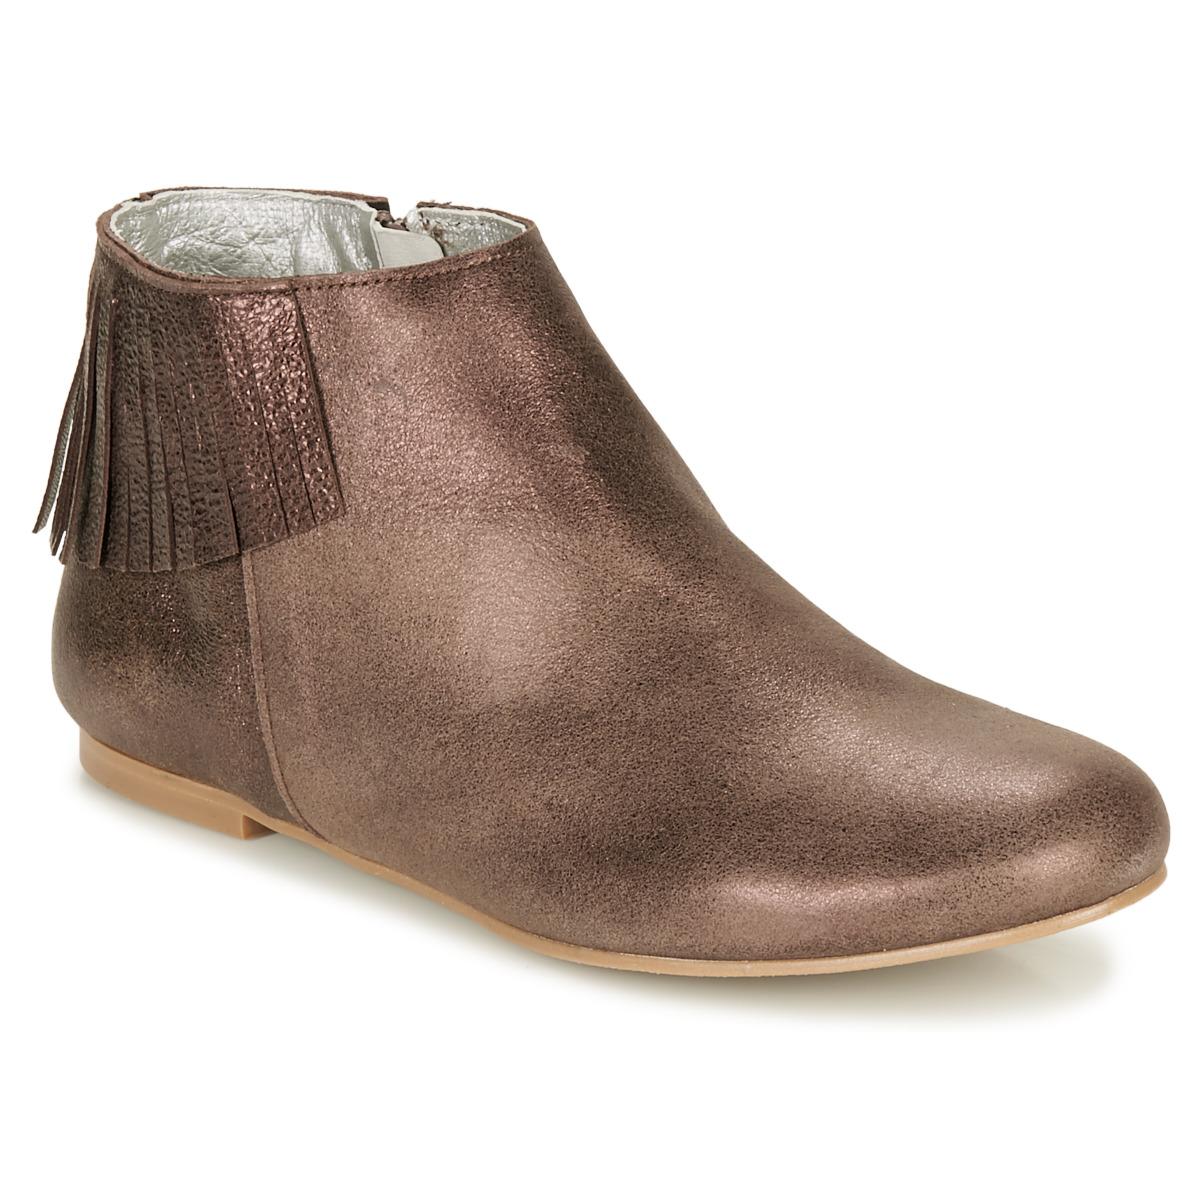 Ippon Vintage DOLLY MAGIC Beige / Gold - Kostenloser Versand bei Spartoode ! - Schuhe Boots Damen 145,00 €